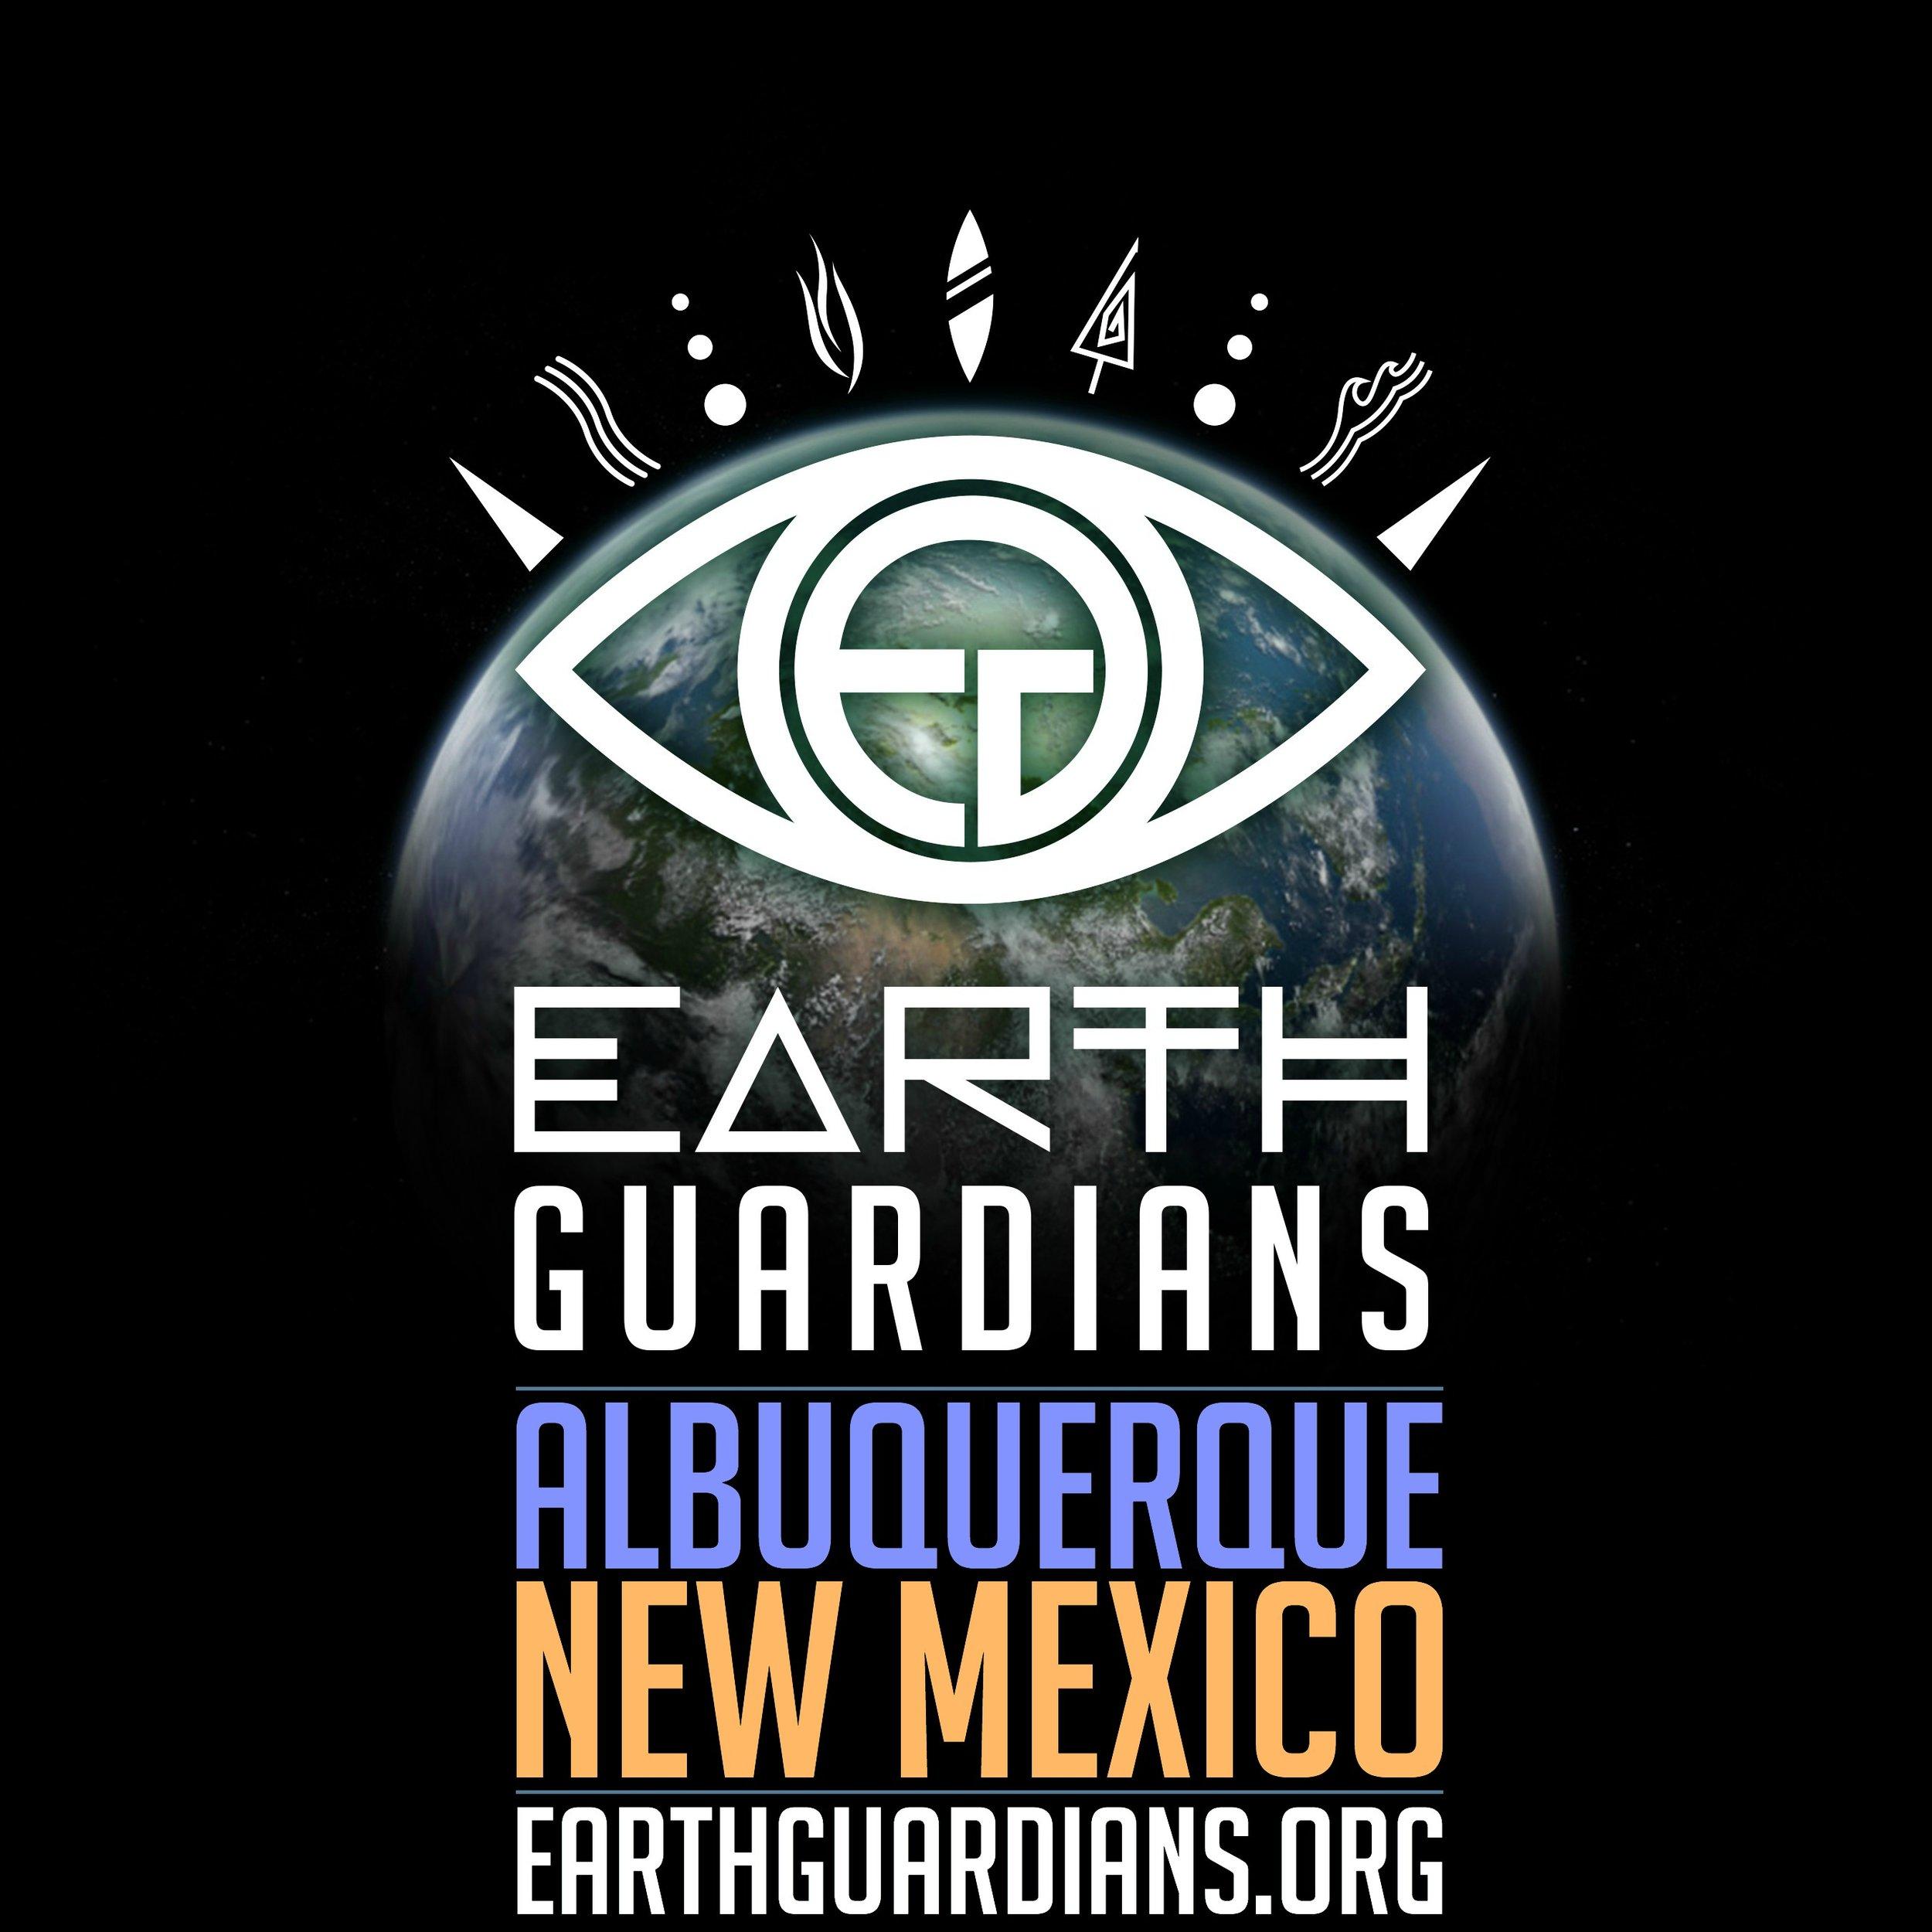 EG_crew logo albuquerque-2.jpg